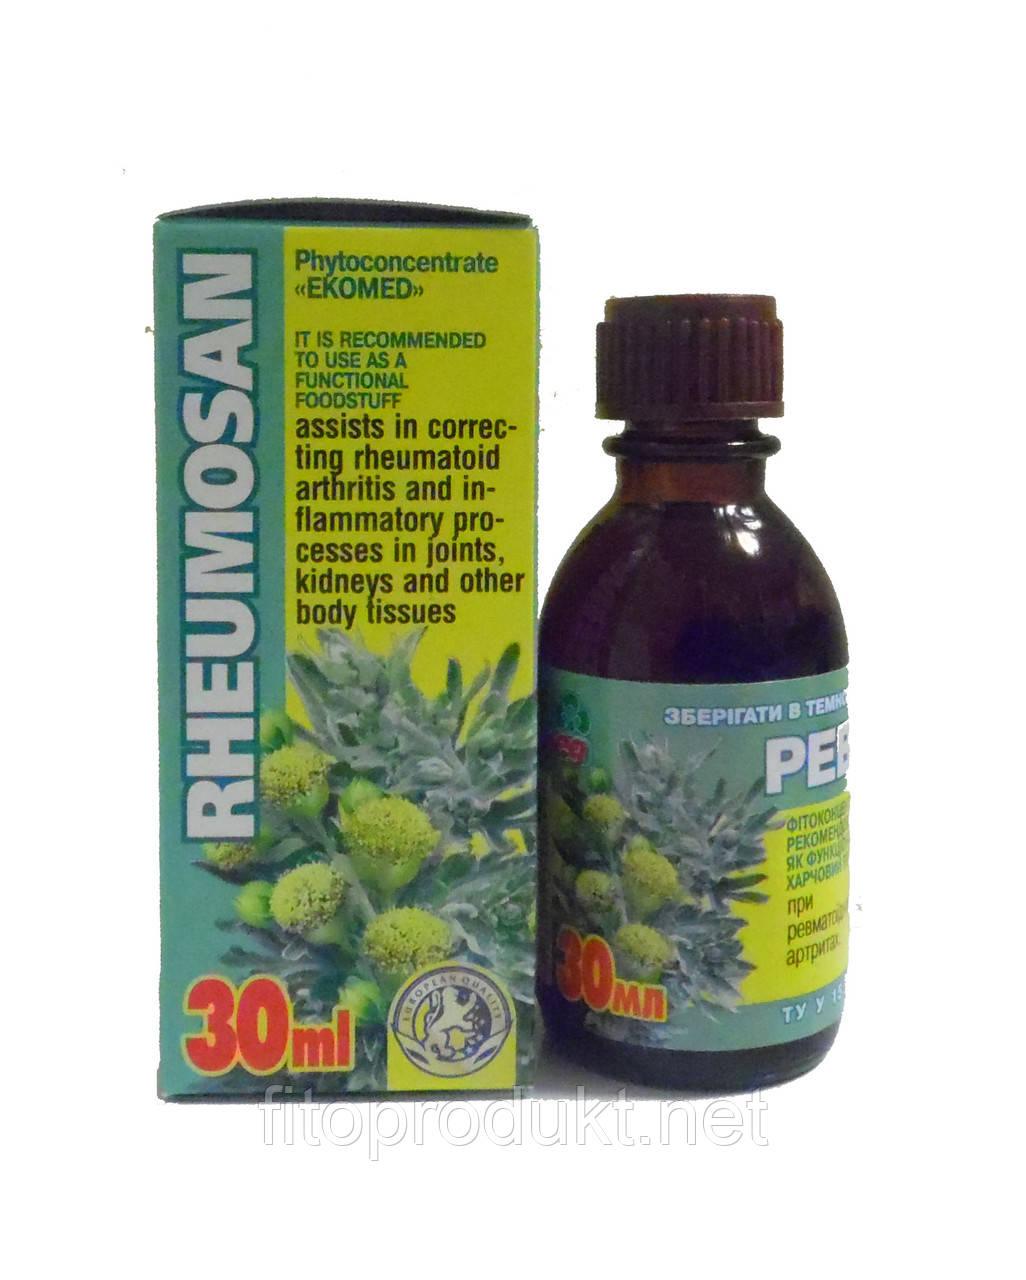 Ревмосан БАЖ подавляет воспаление суставов и уменьшает боль